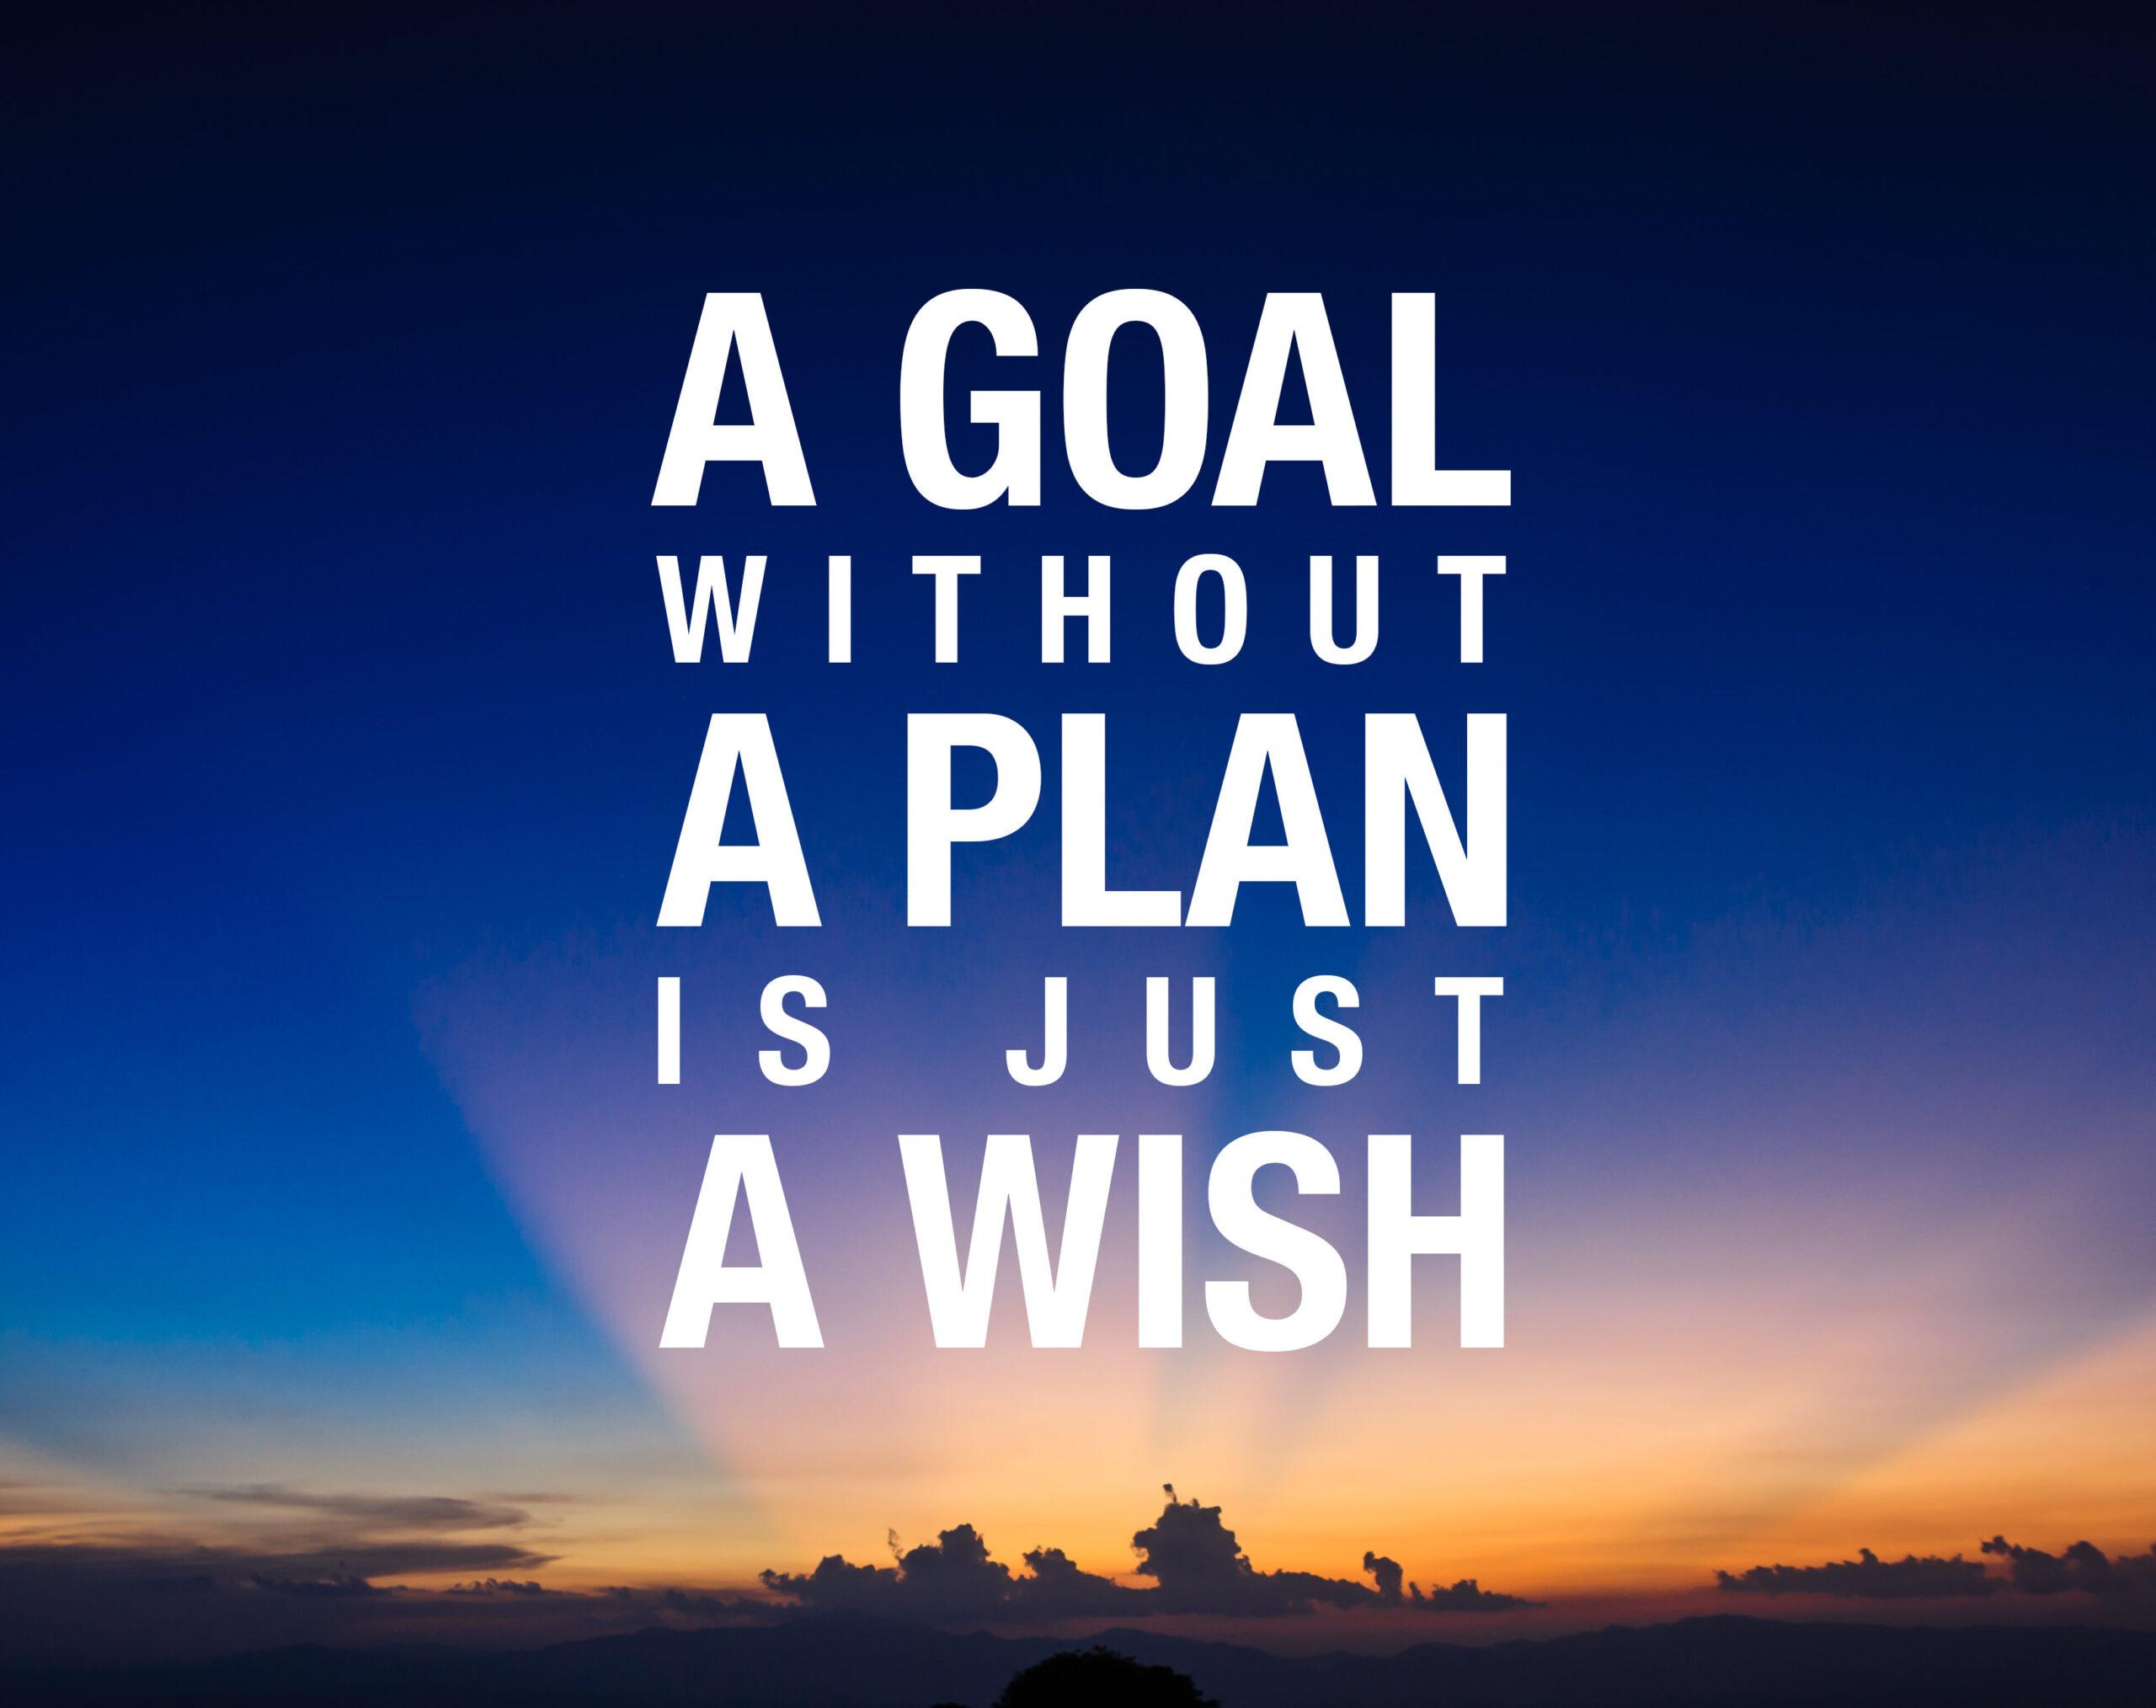 Cu plan sau fara plan? Asta e intrebarea